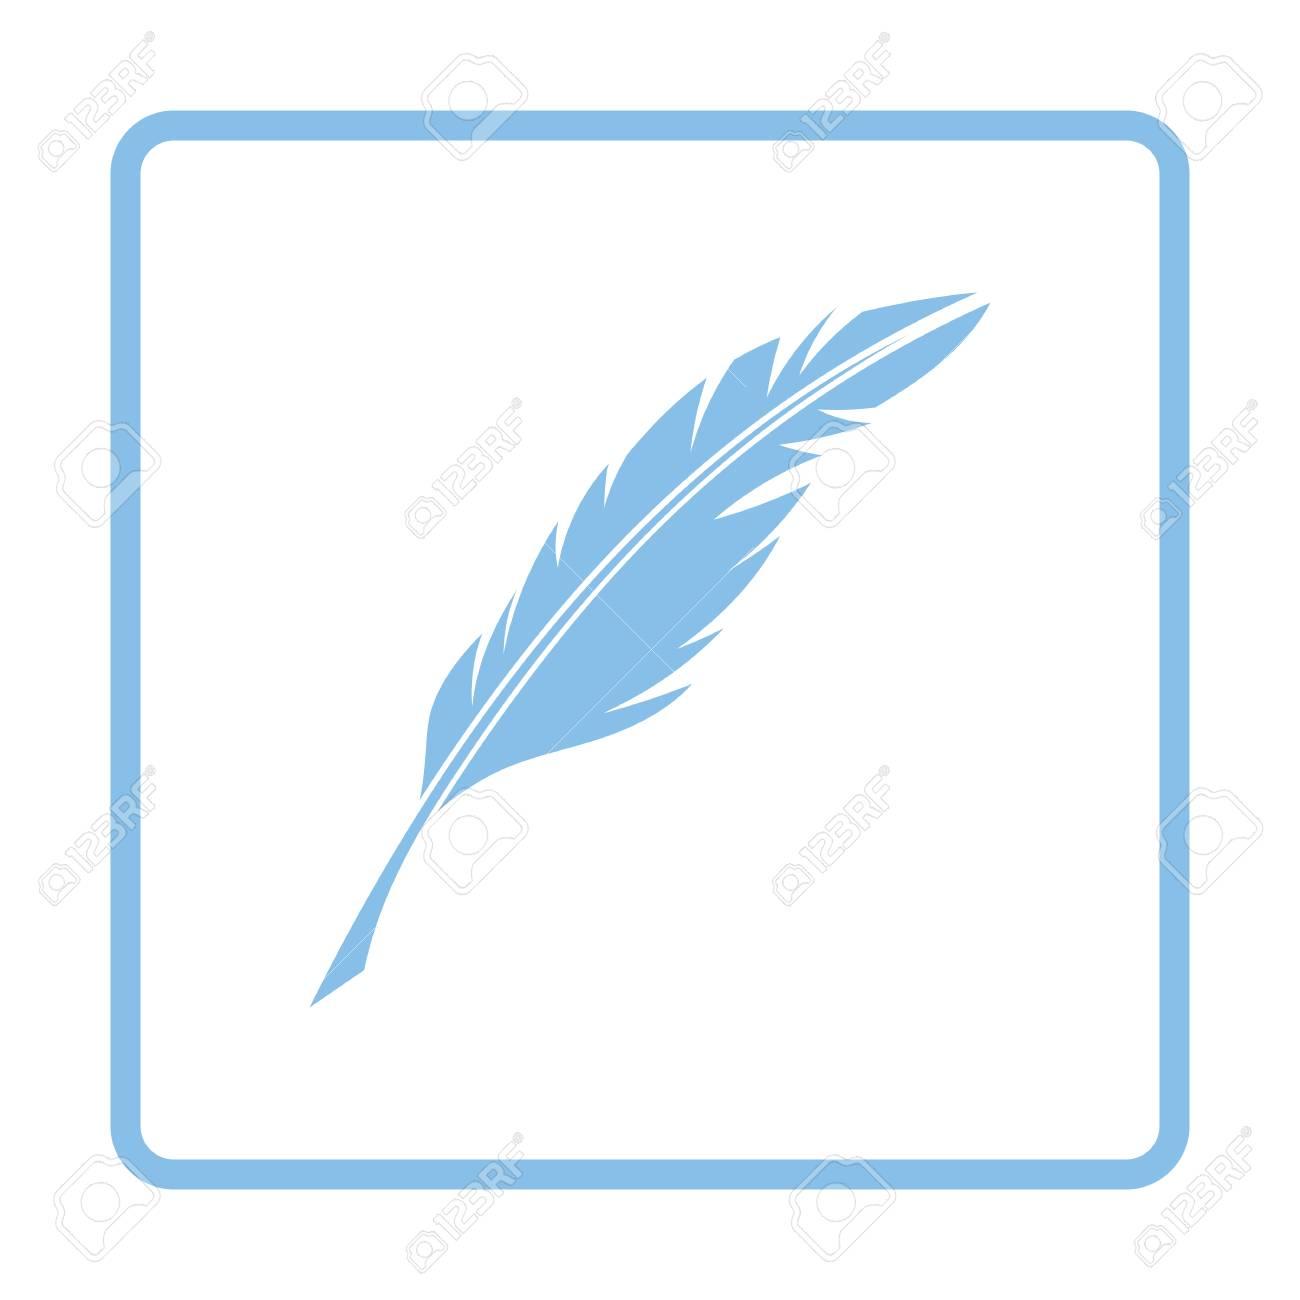 Escribir El Icono De Pluma. Diseño De Marco Azul. Ilustración ...